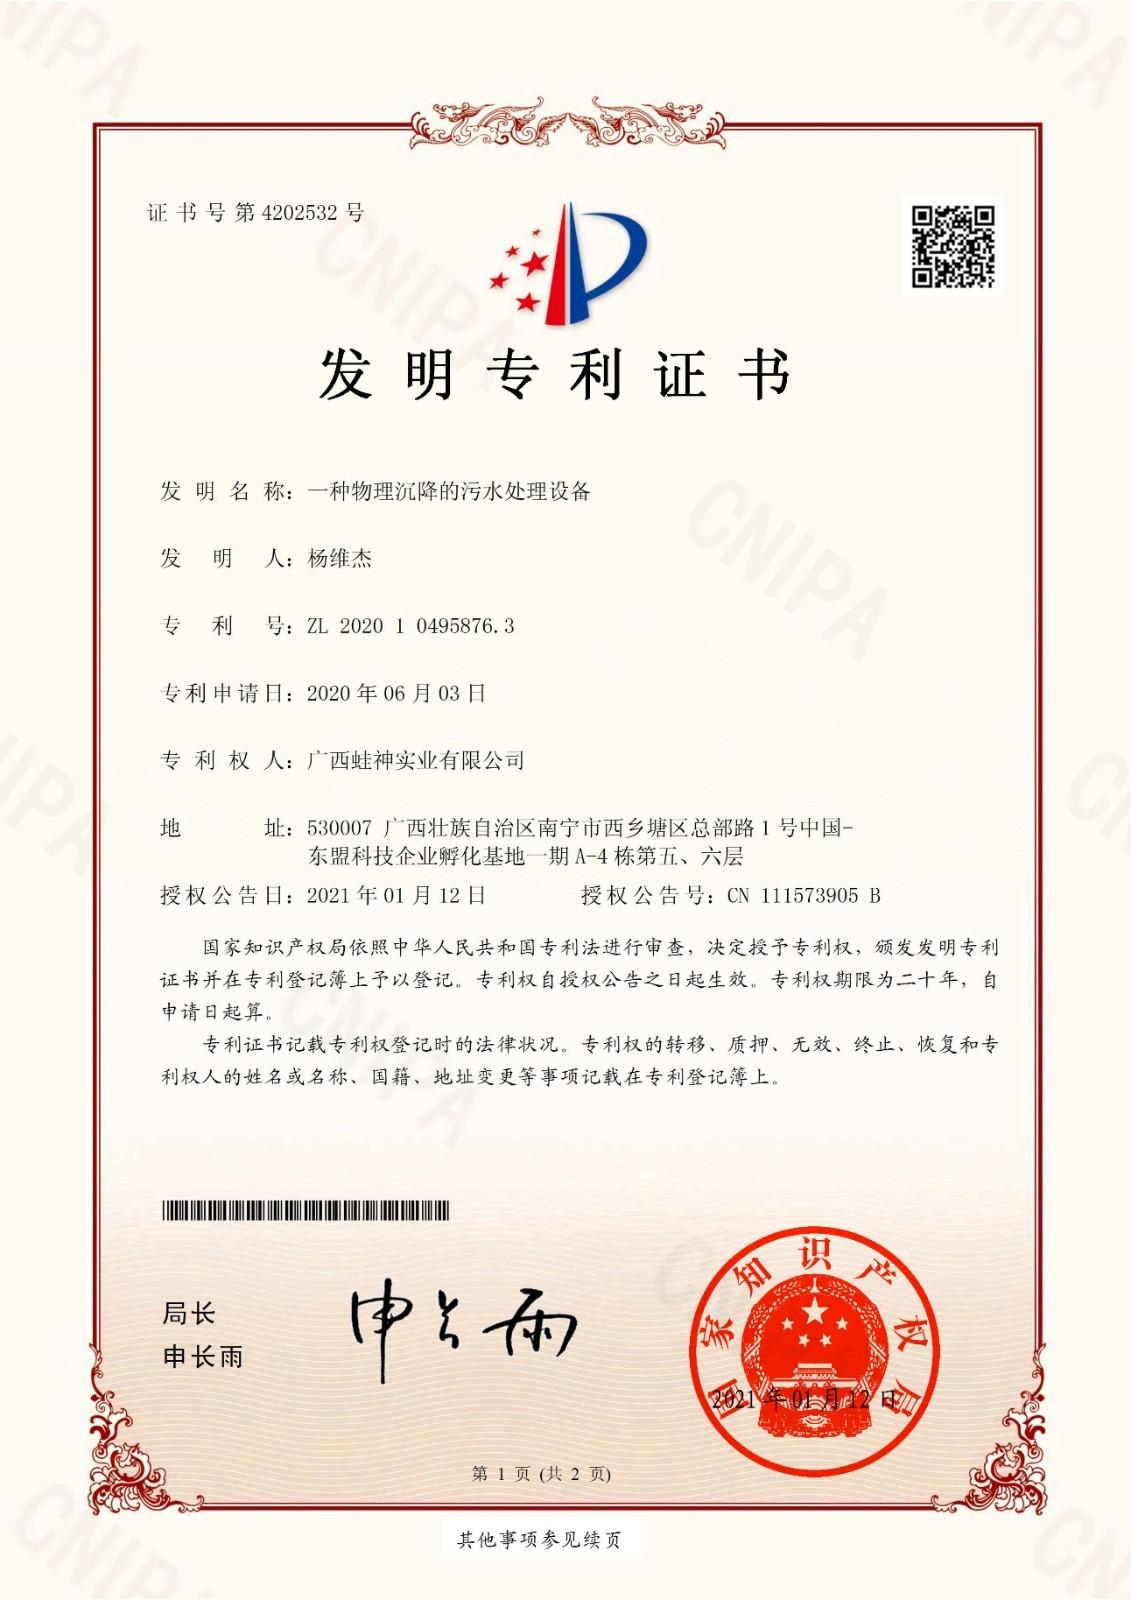 【发明专利】医疗污水处理设备发明专利